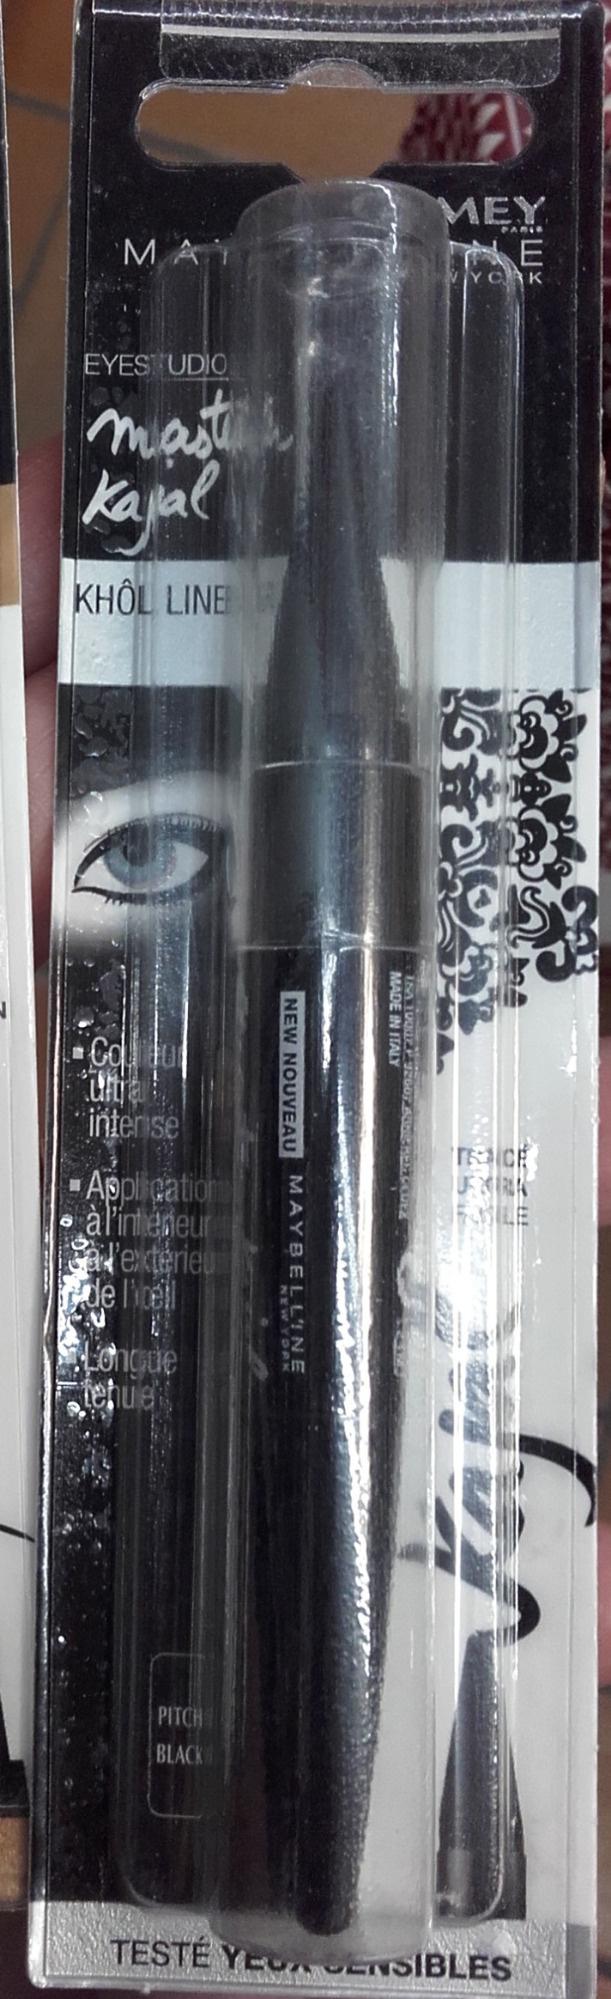 Master Kajal Khol liner - Pitch Black - Product - fr